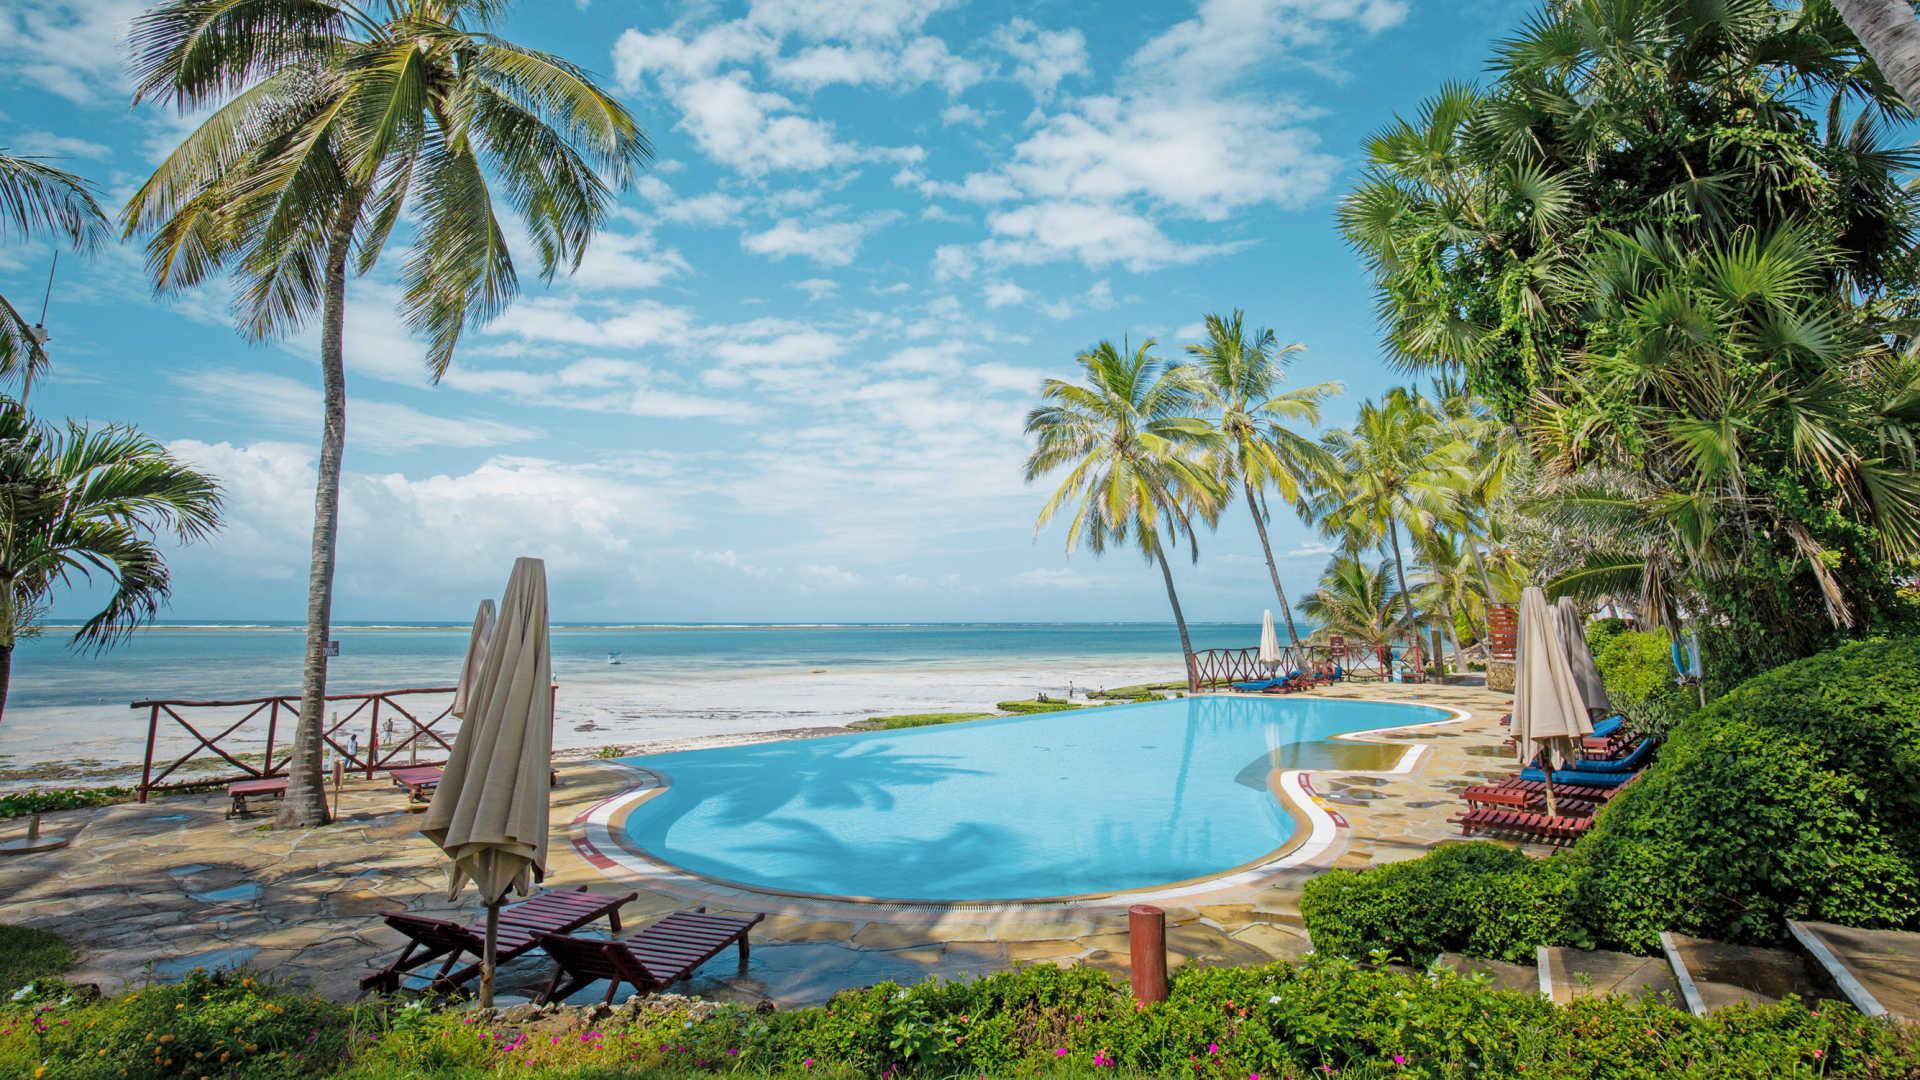 Malindi, Kenya | Facts about Malindi beach